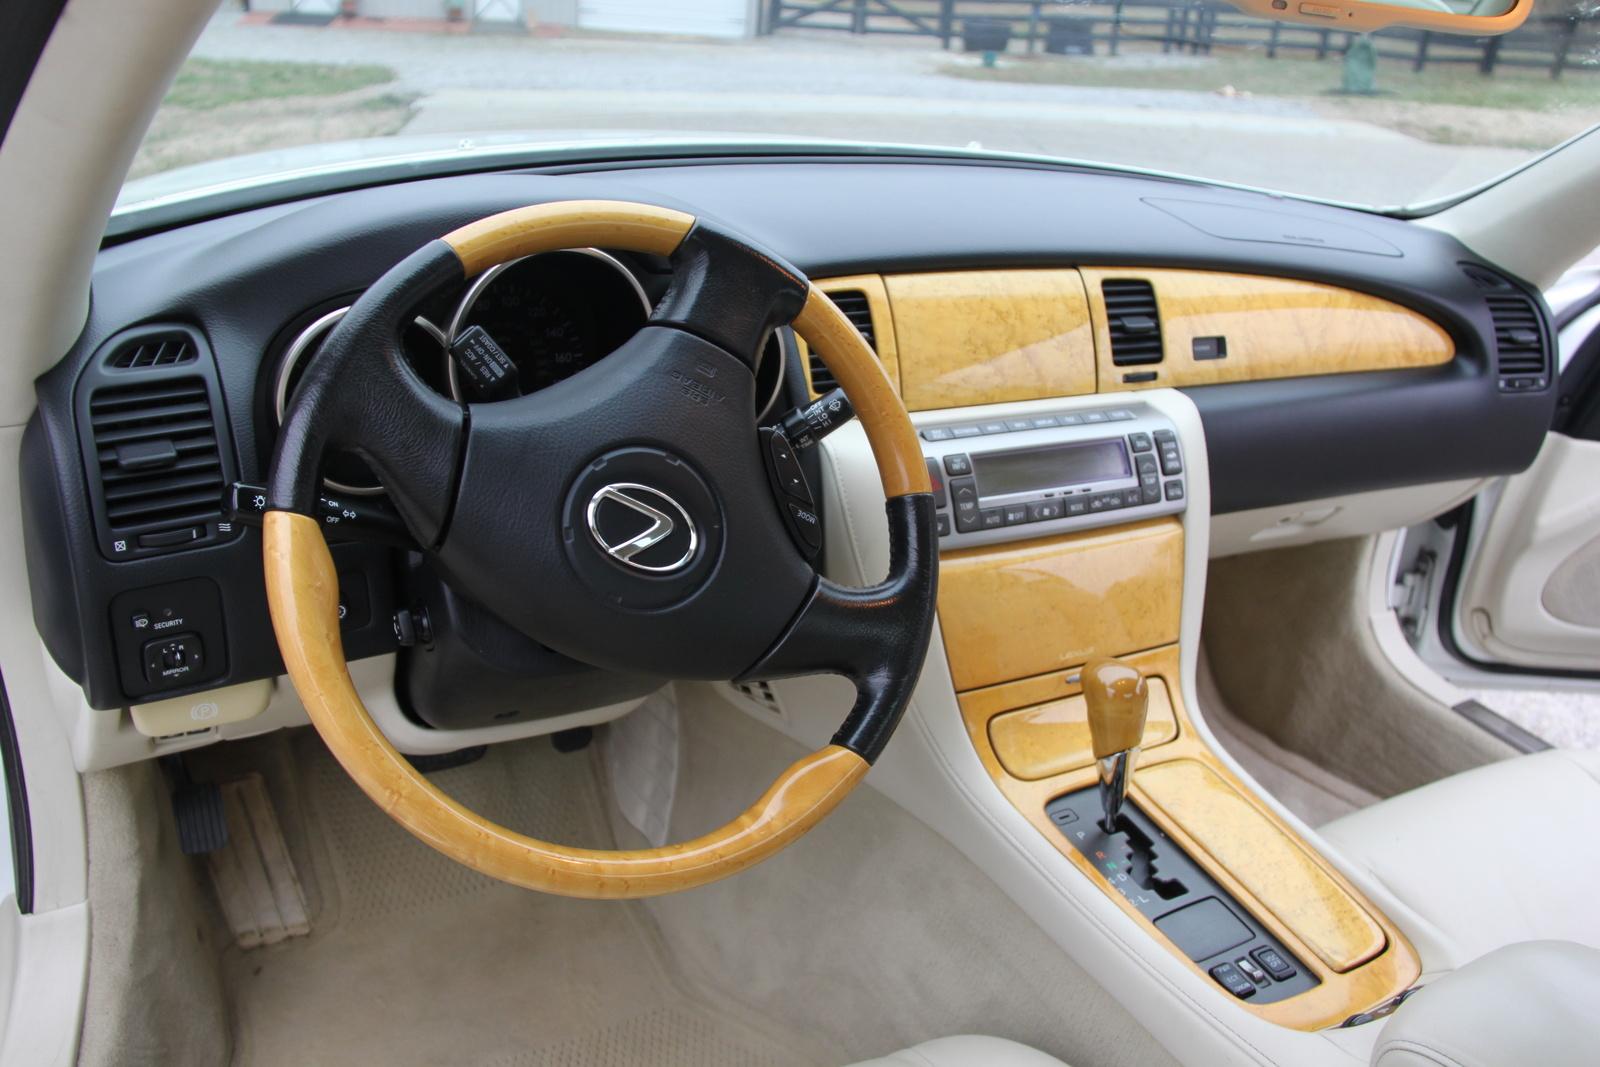 2002 Lexus SC 430 Pictures CarGurus